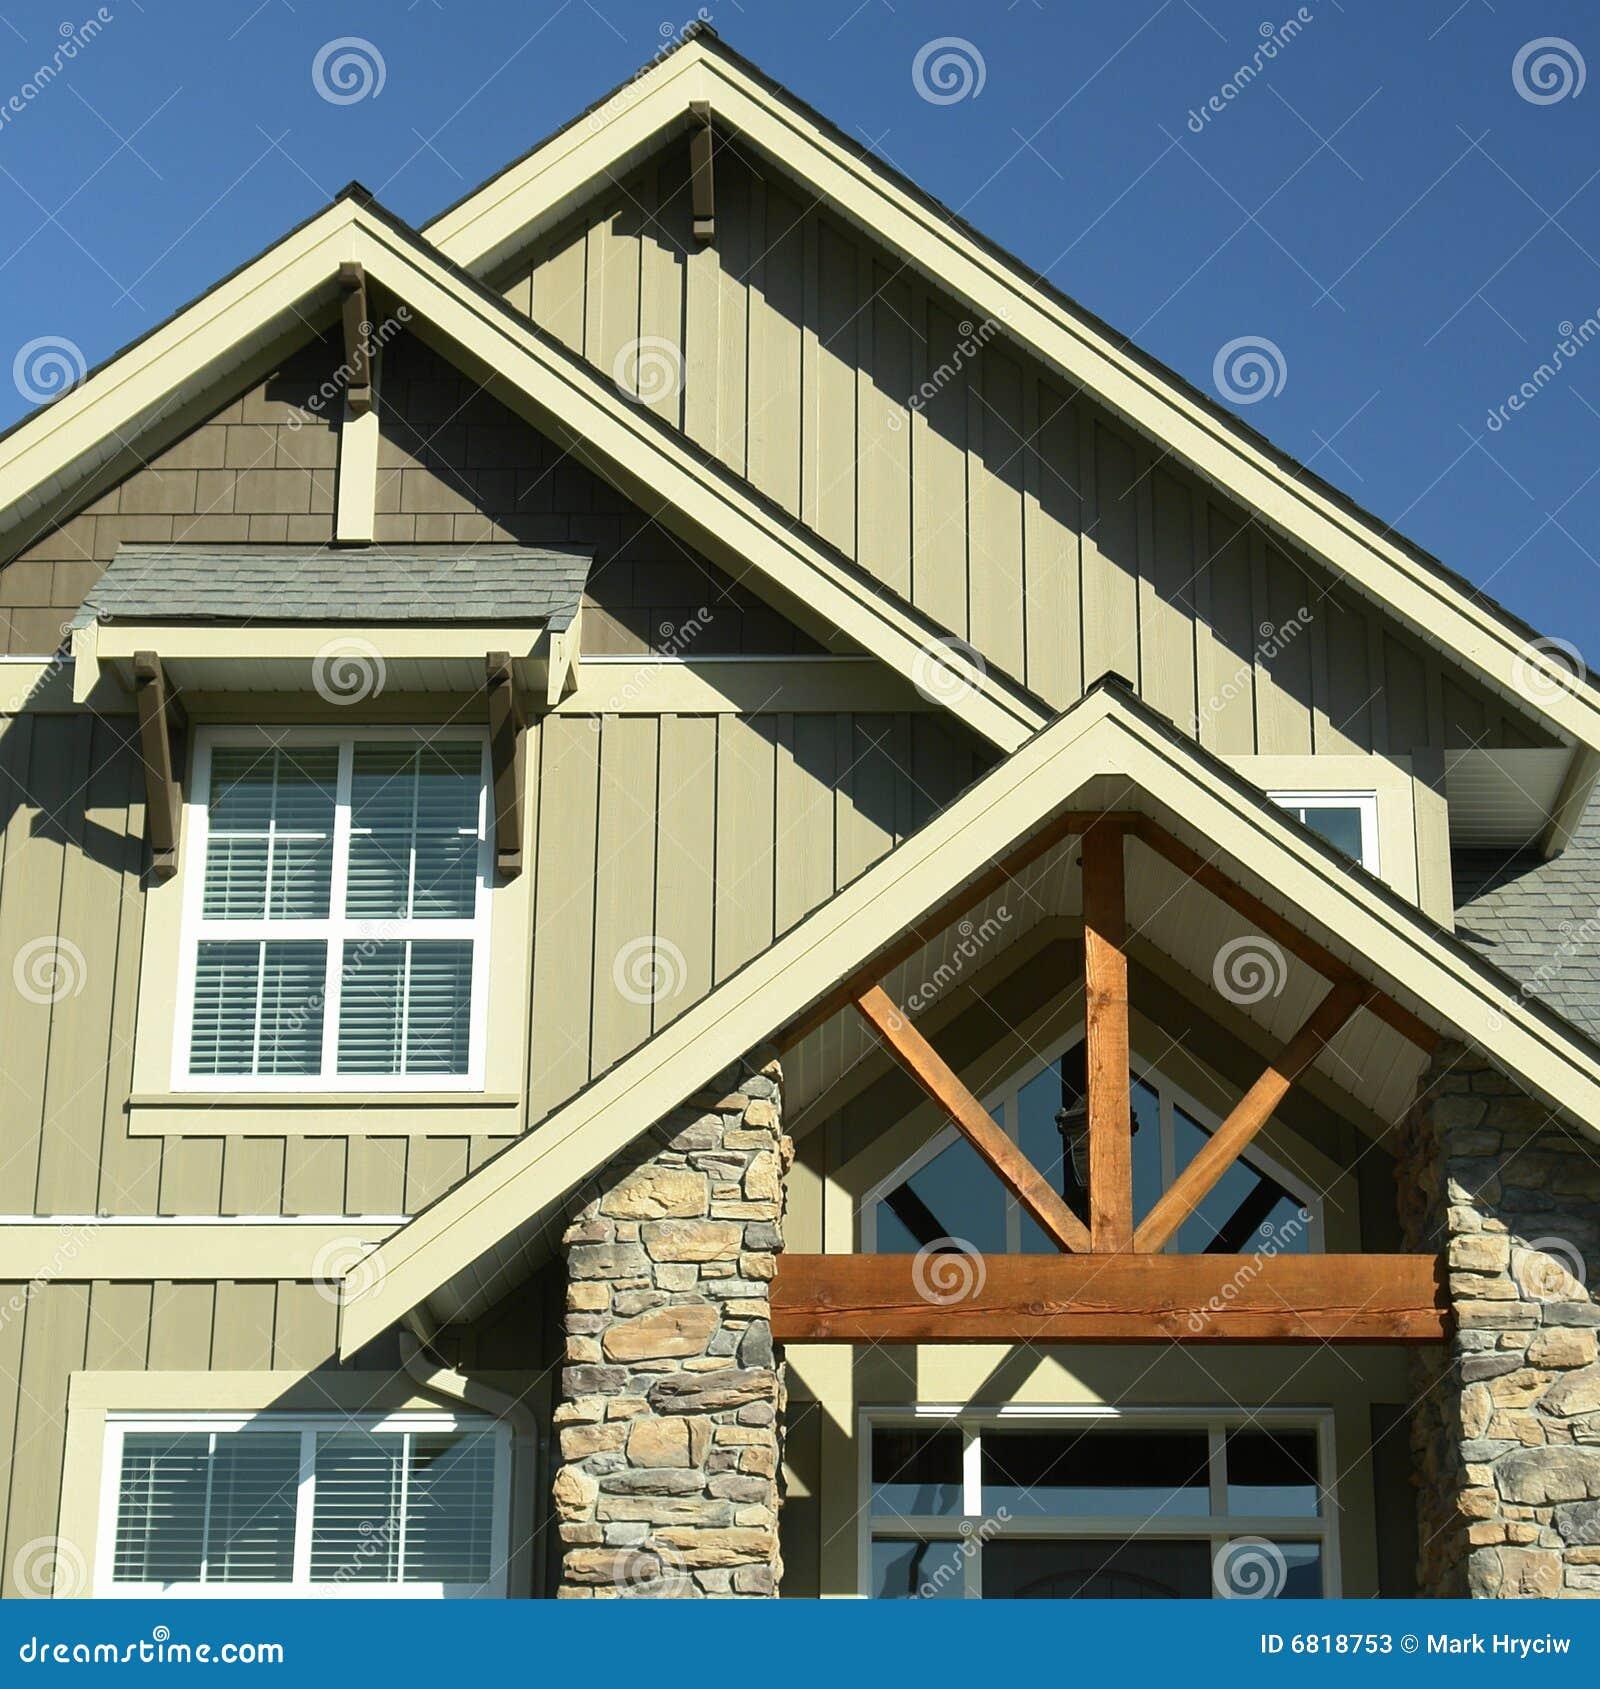 Details exterior home house